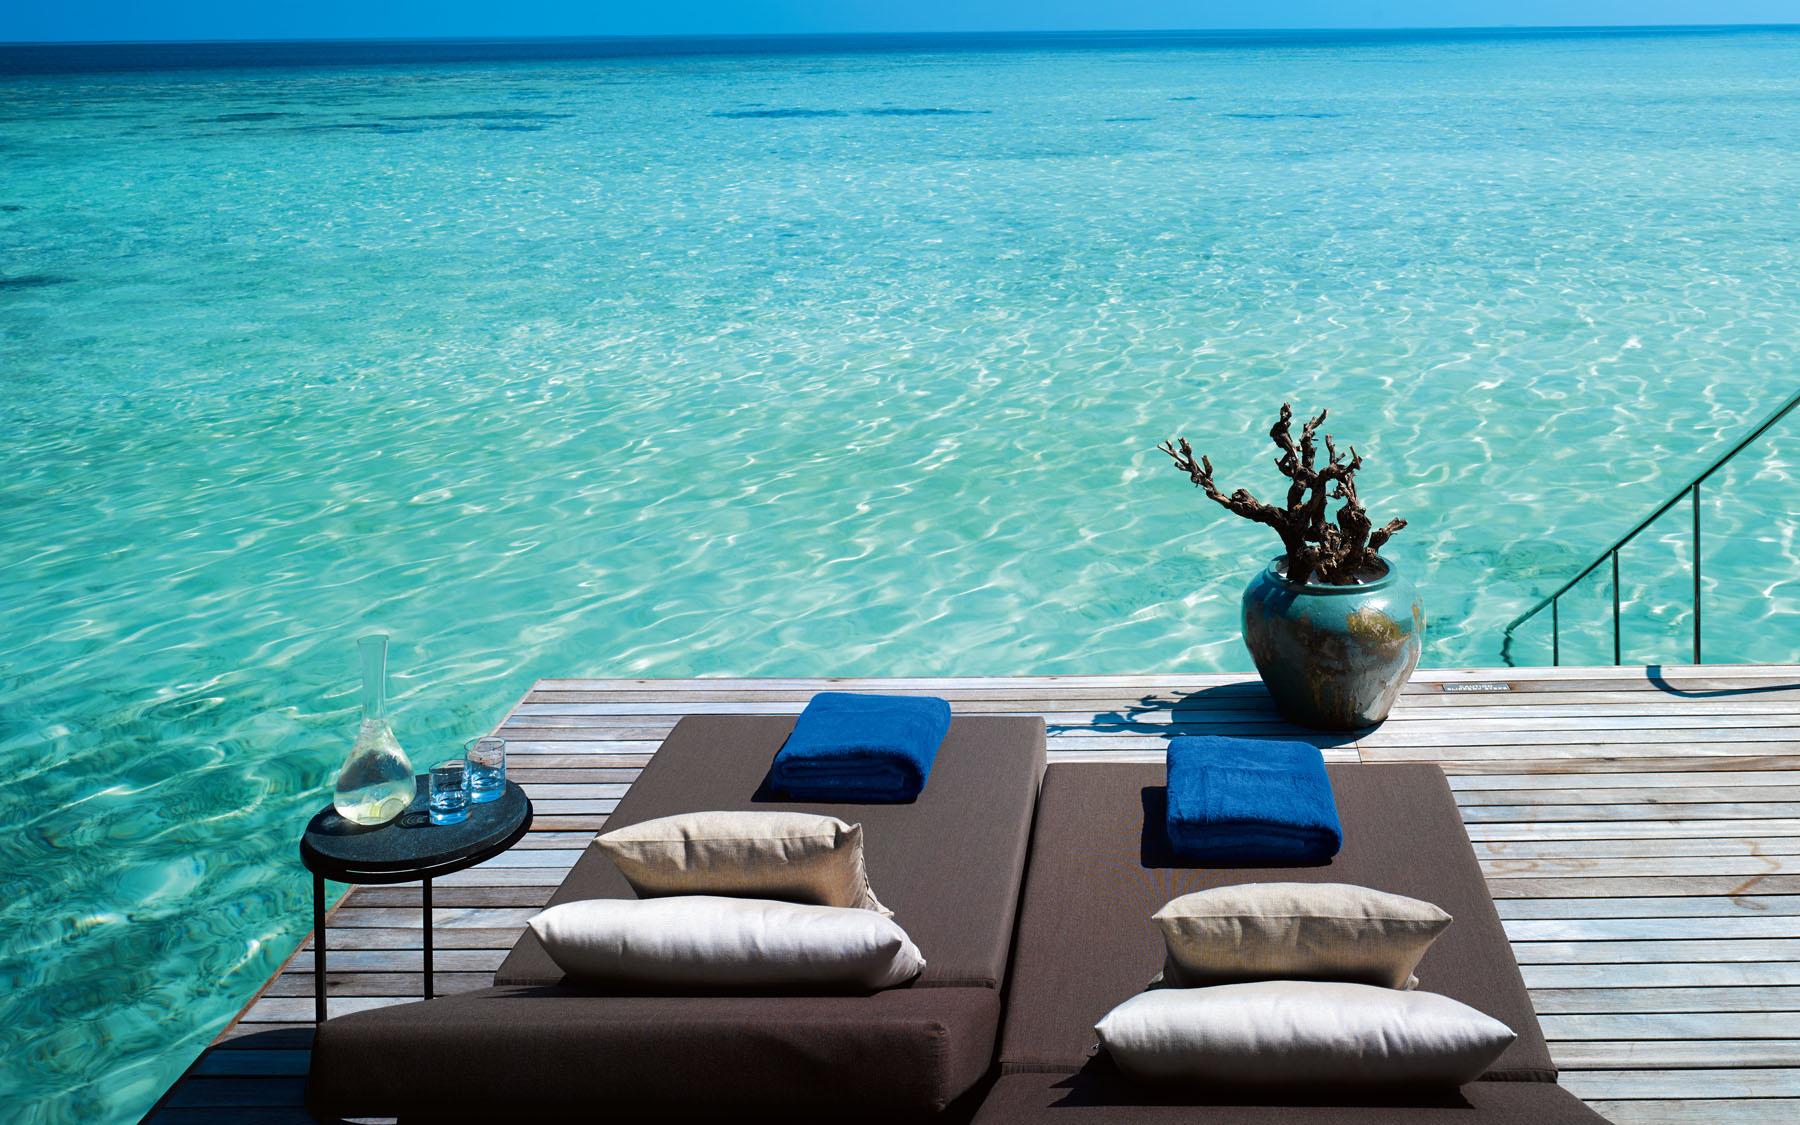 维拉私人岛攻略_马尔代夫维拉私人岛怎么样-七彩假期